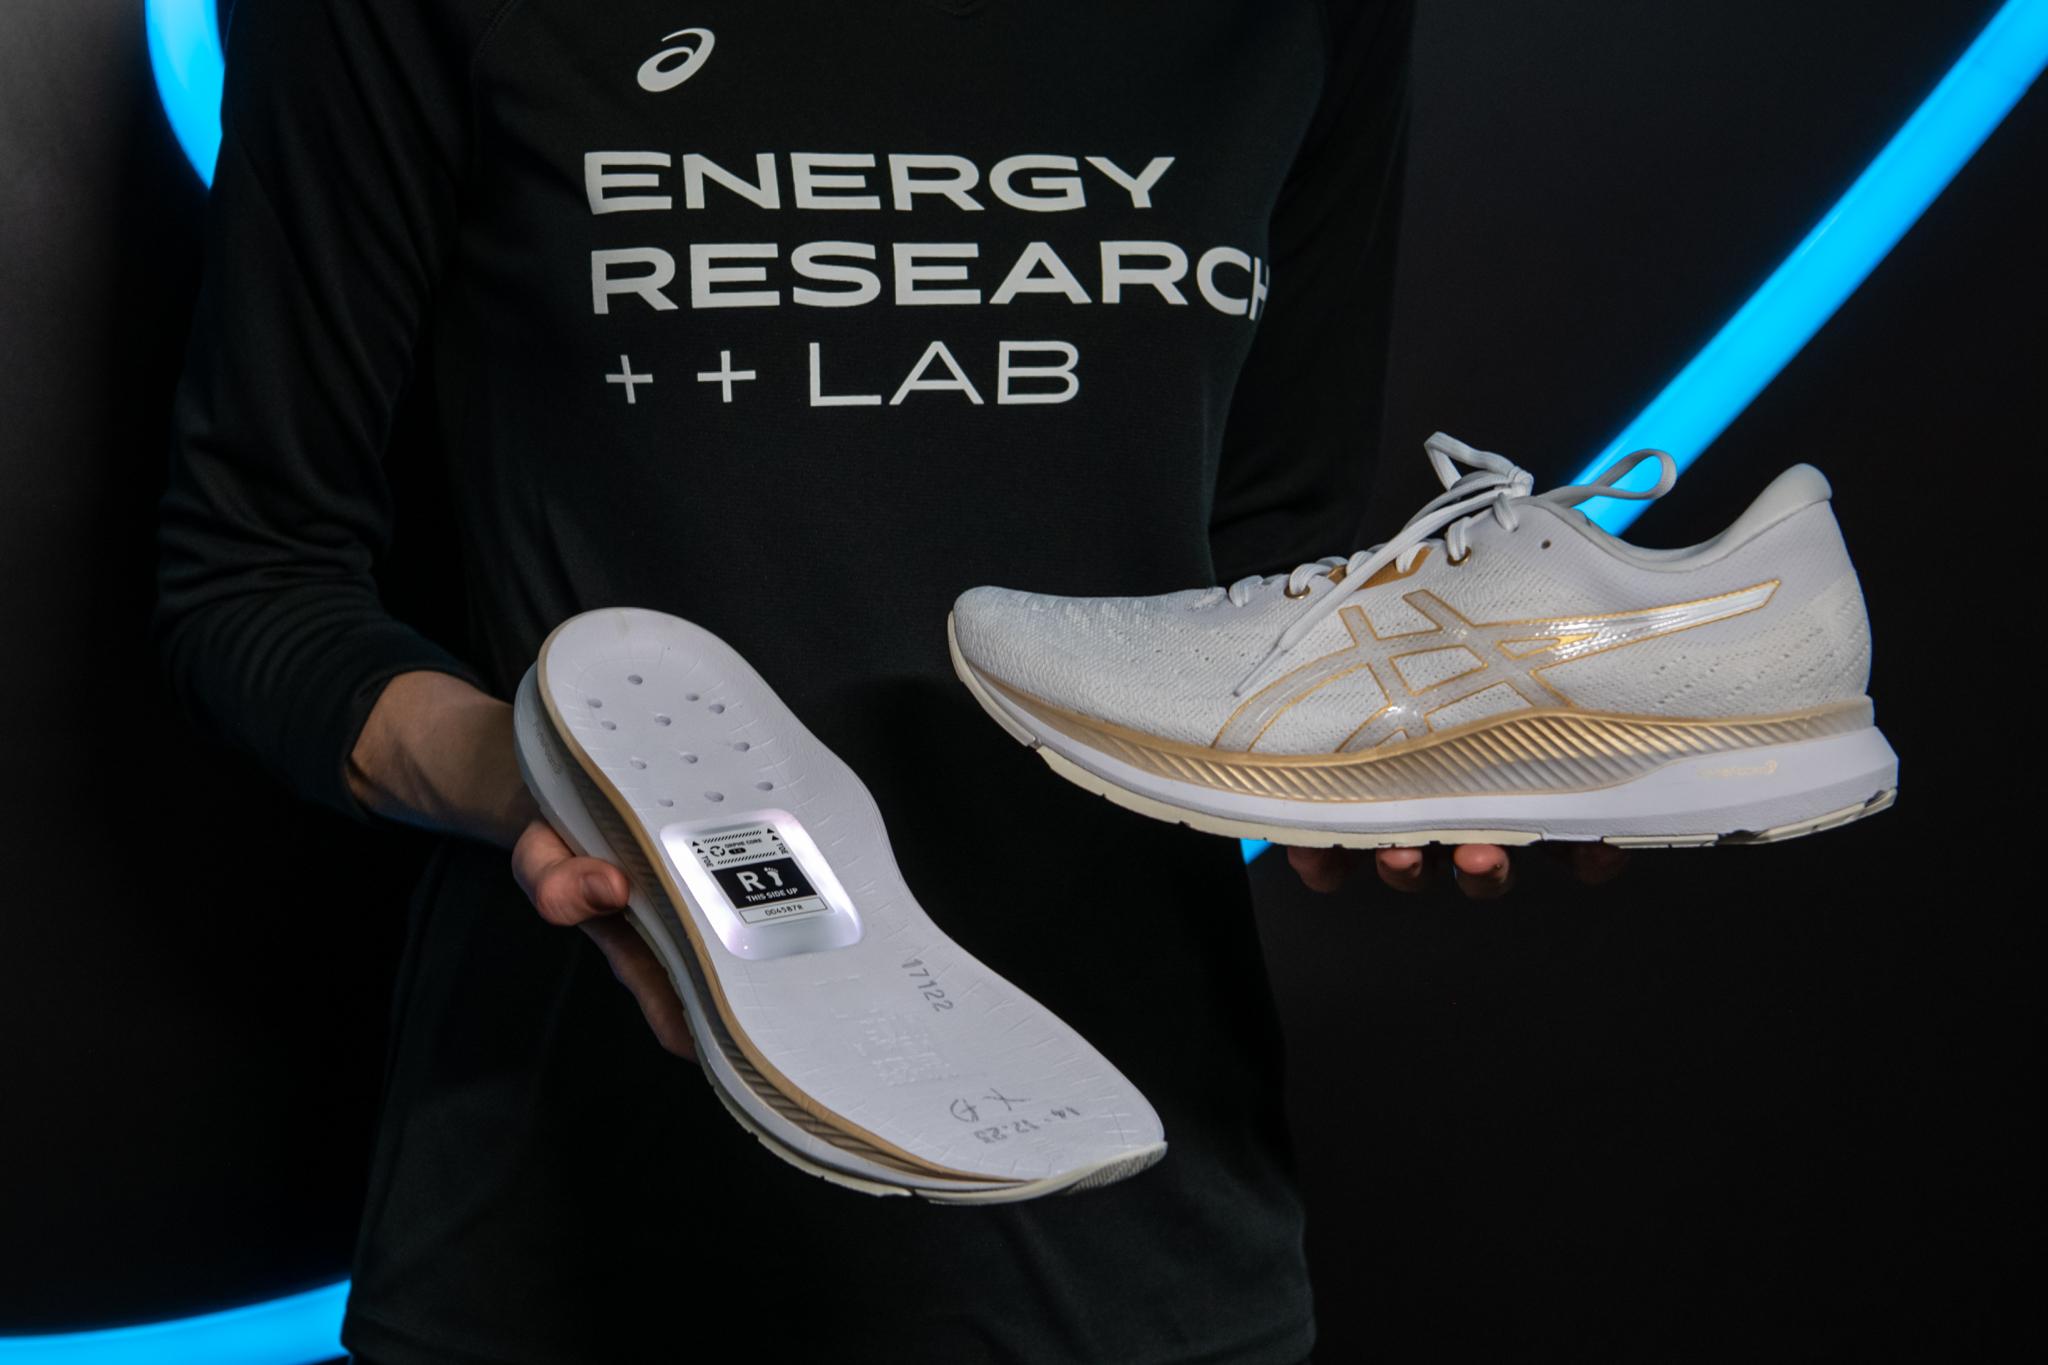 ASICS 2020 shoe